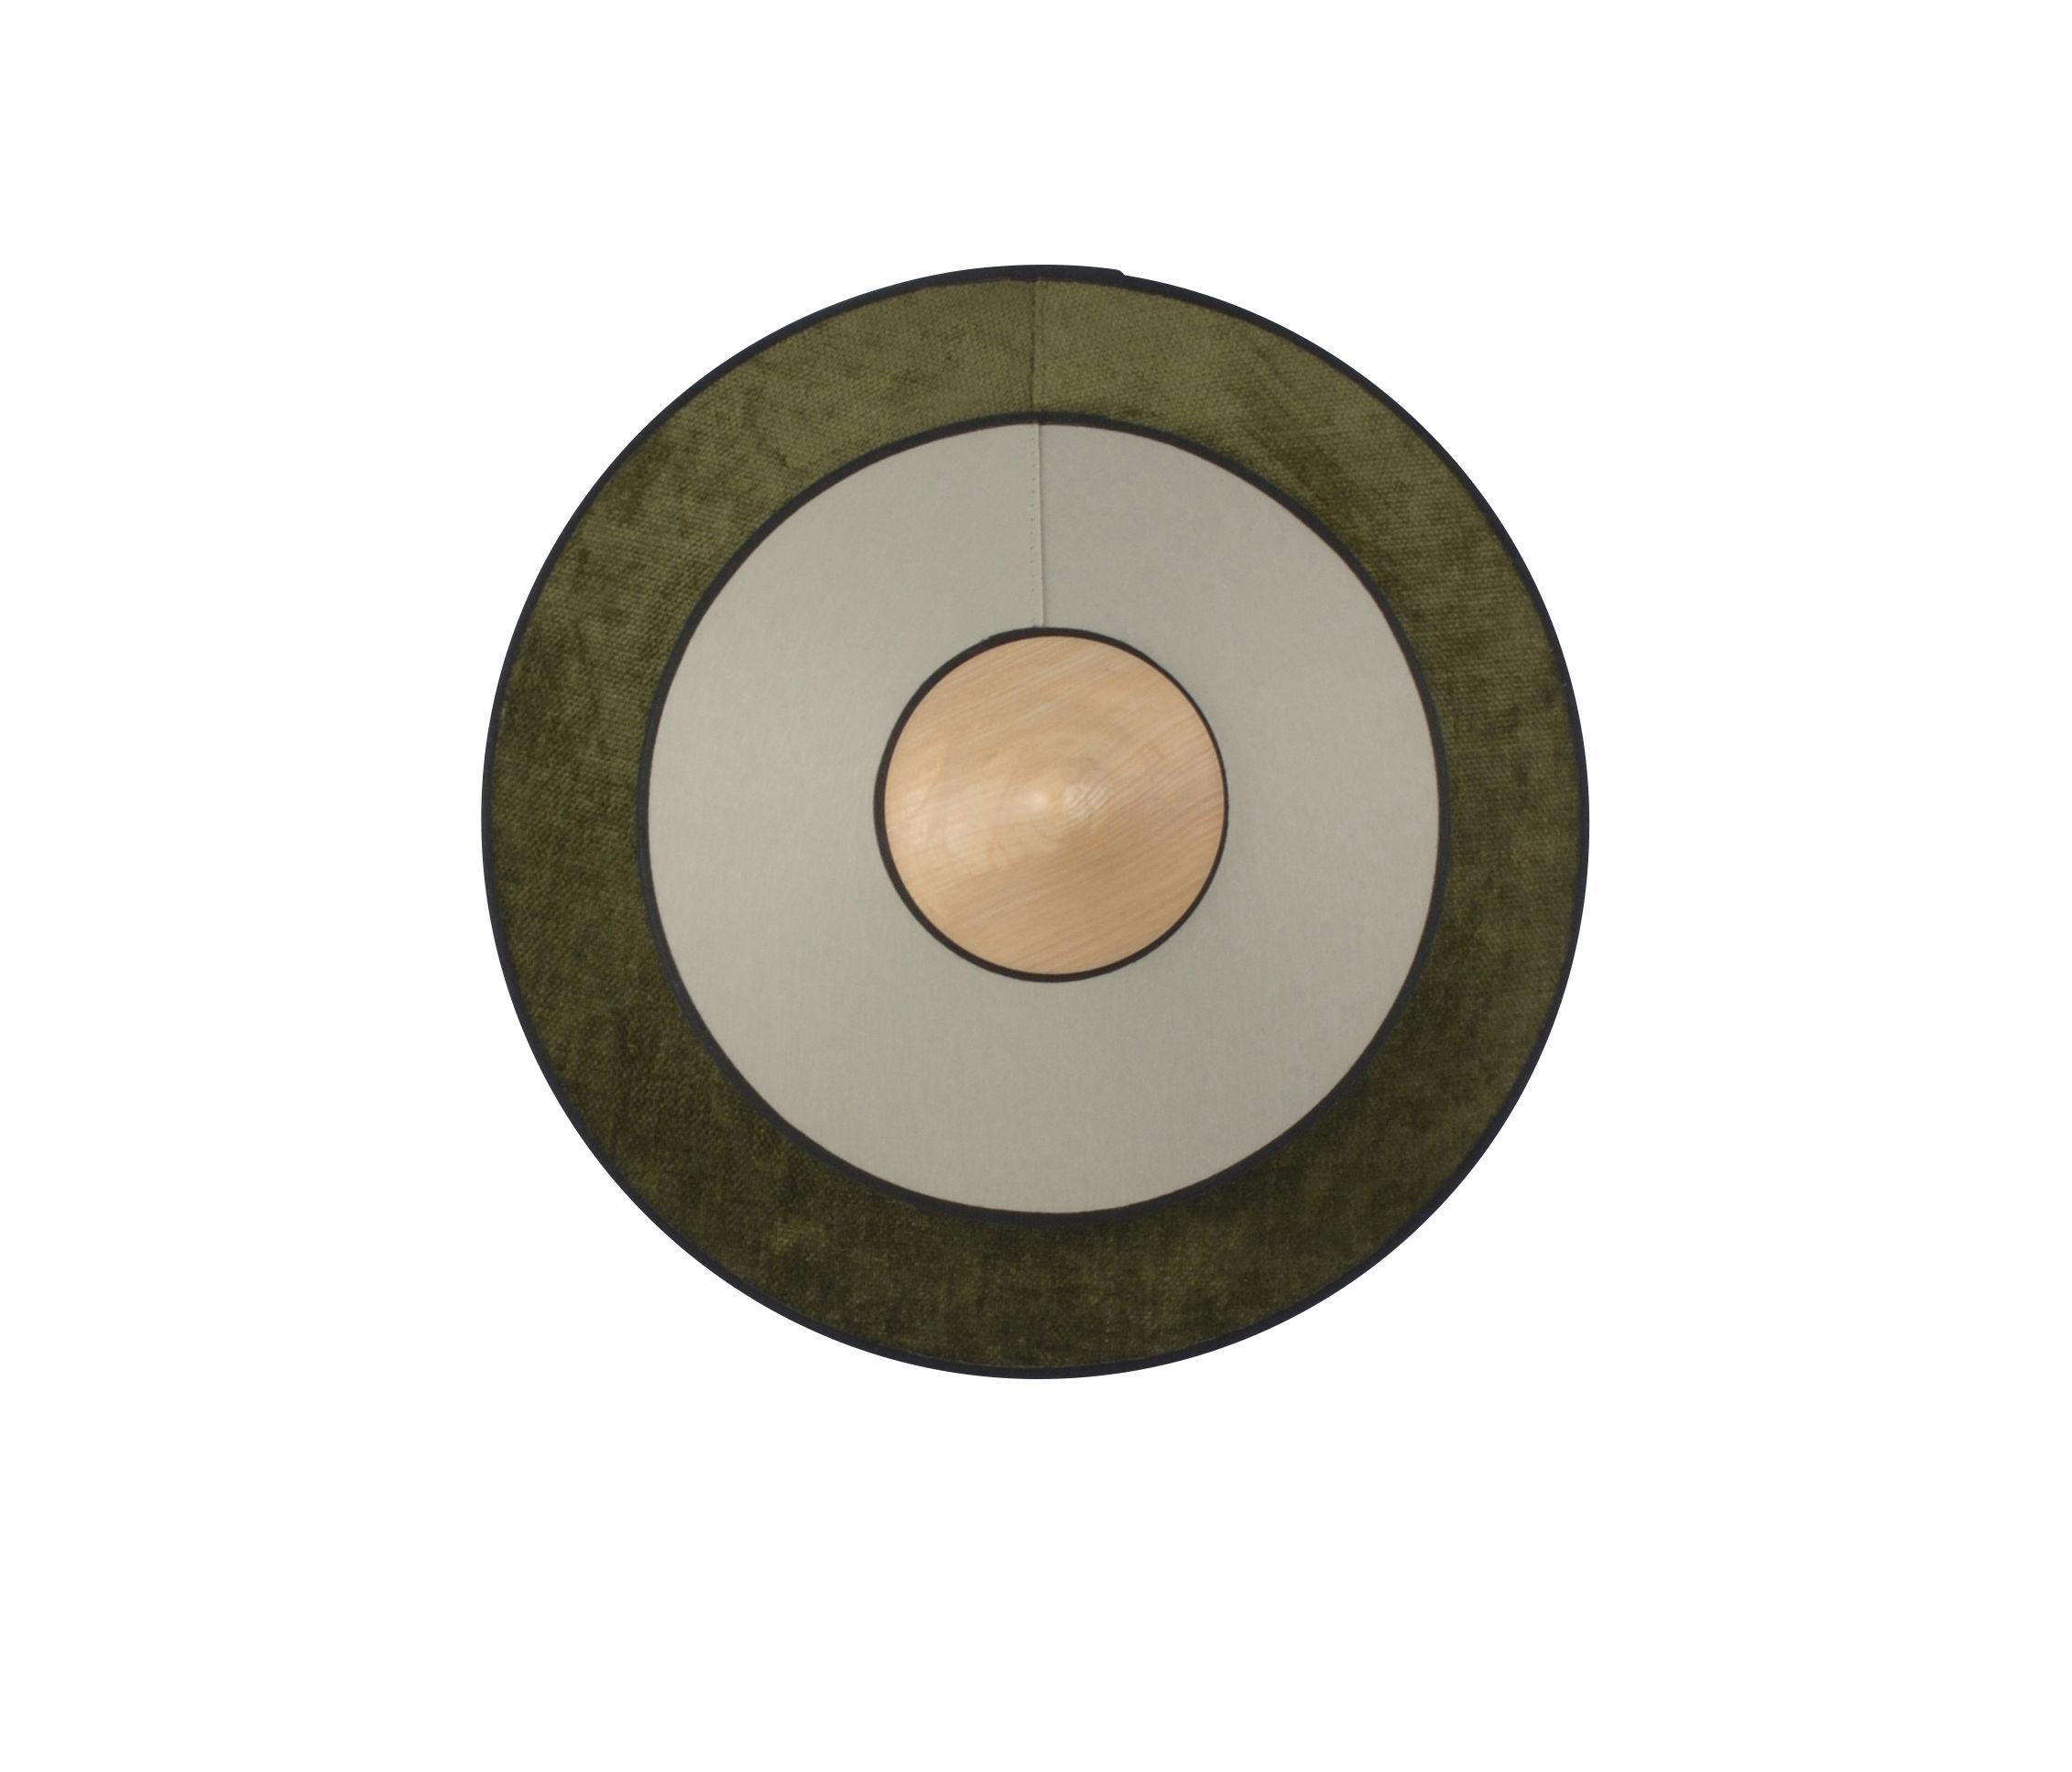 Illuminazione - Lampade da parete - Applique Cymbal LED - / Small - Ø 34 cm - Tessuto di Forestier - Verde - Cotone intrecciato, Rovere, Velluto